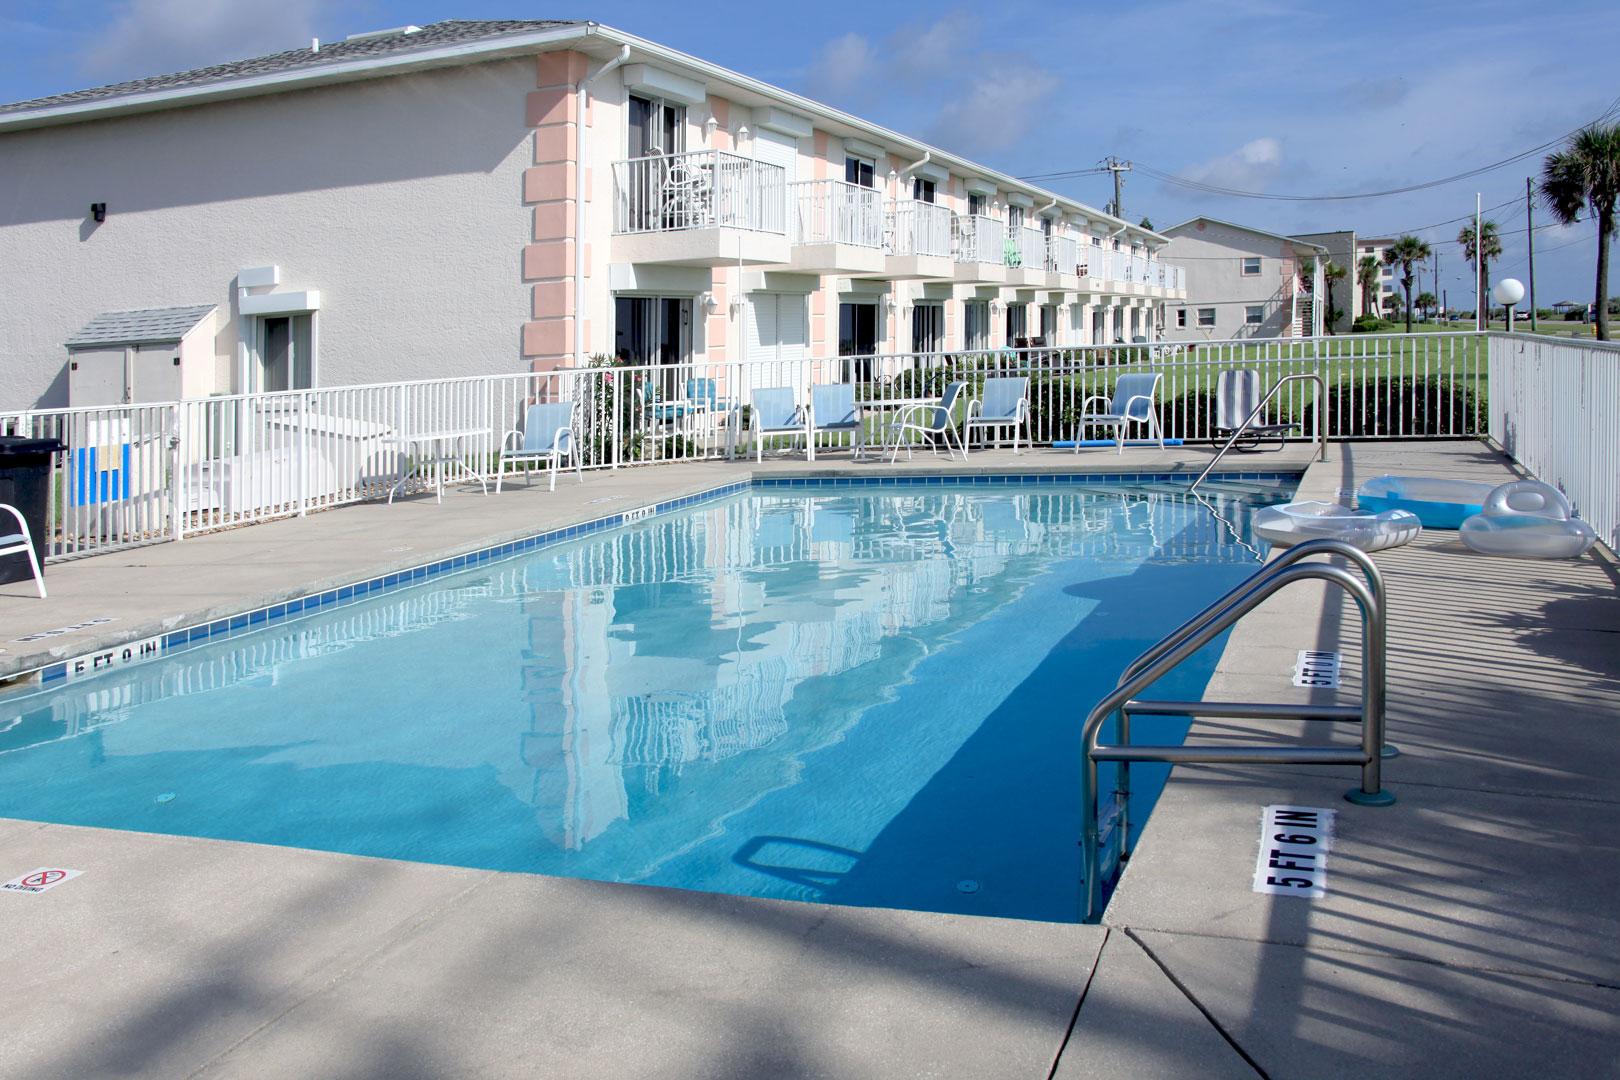 Daytona Condos Ocean Dunes Townhouse Condominium In